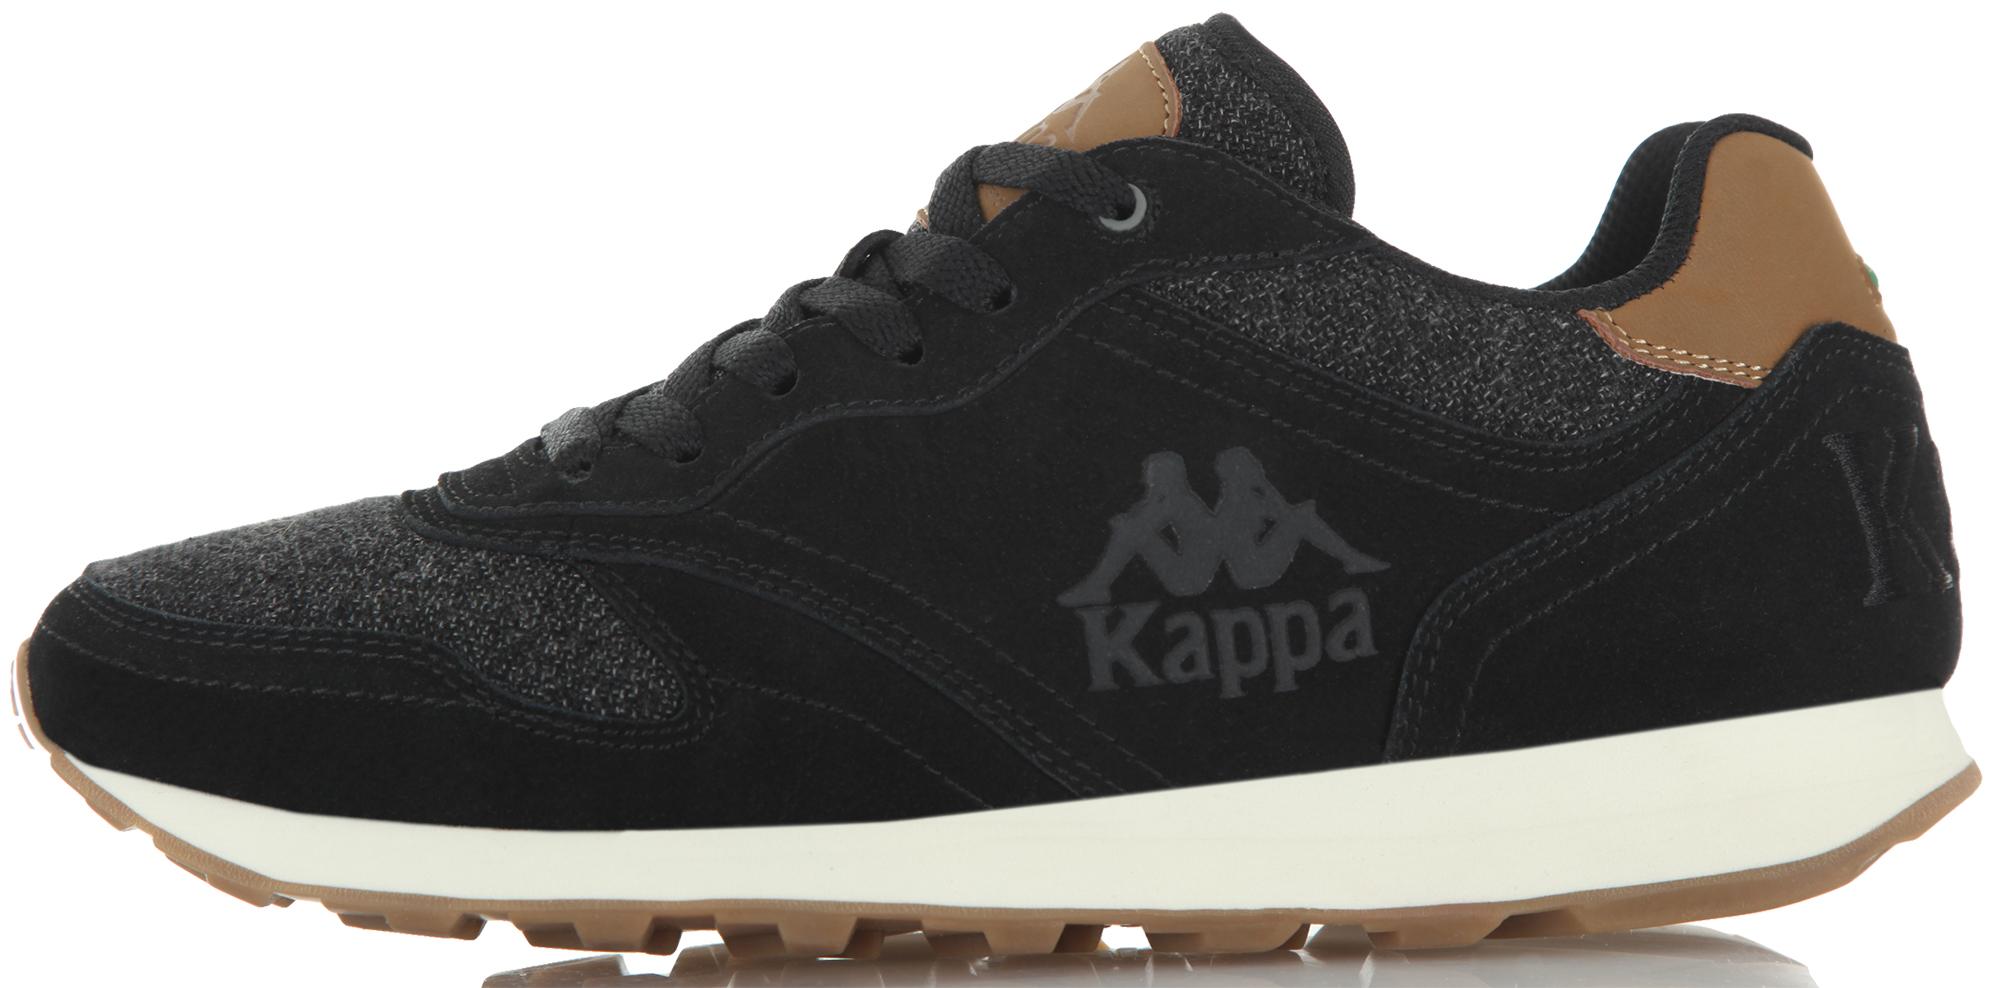 Kappa Кроссовки мужские Kappa Authentic Run, размер 45 kappa кеды мужские kappa teron